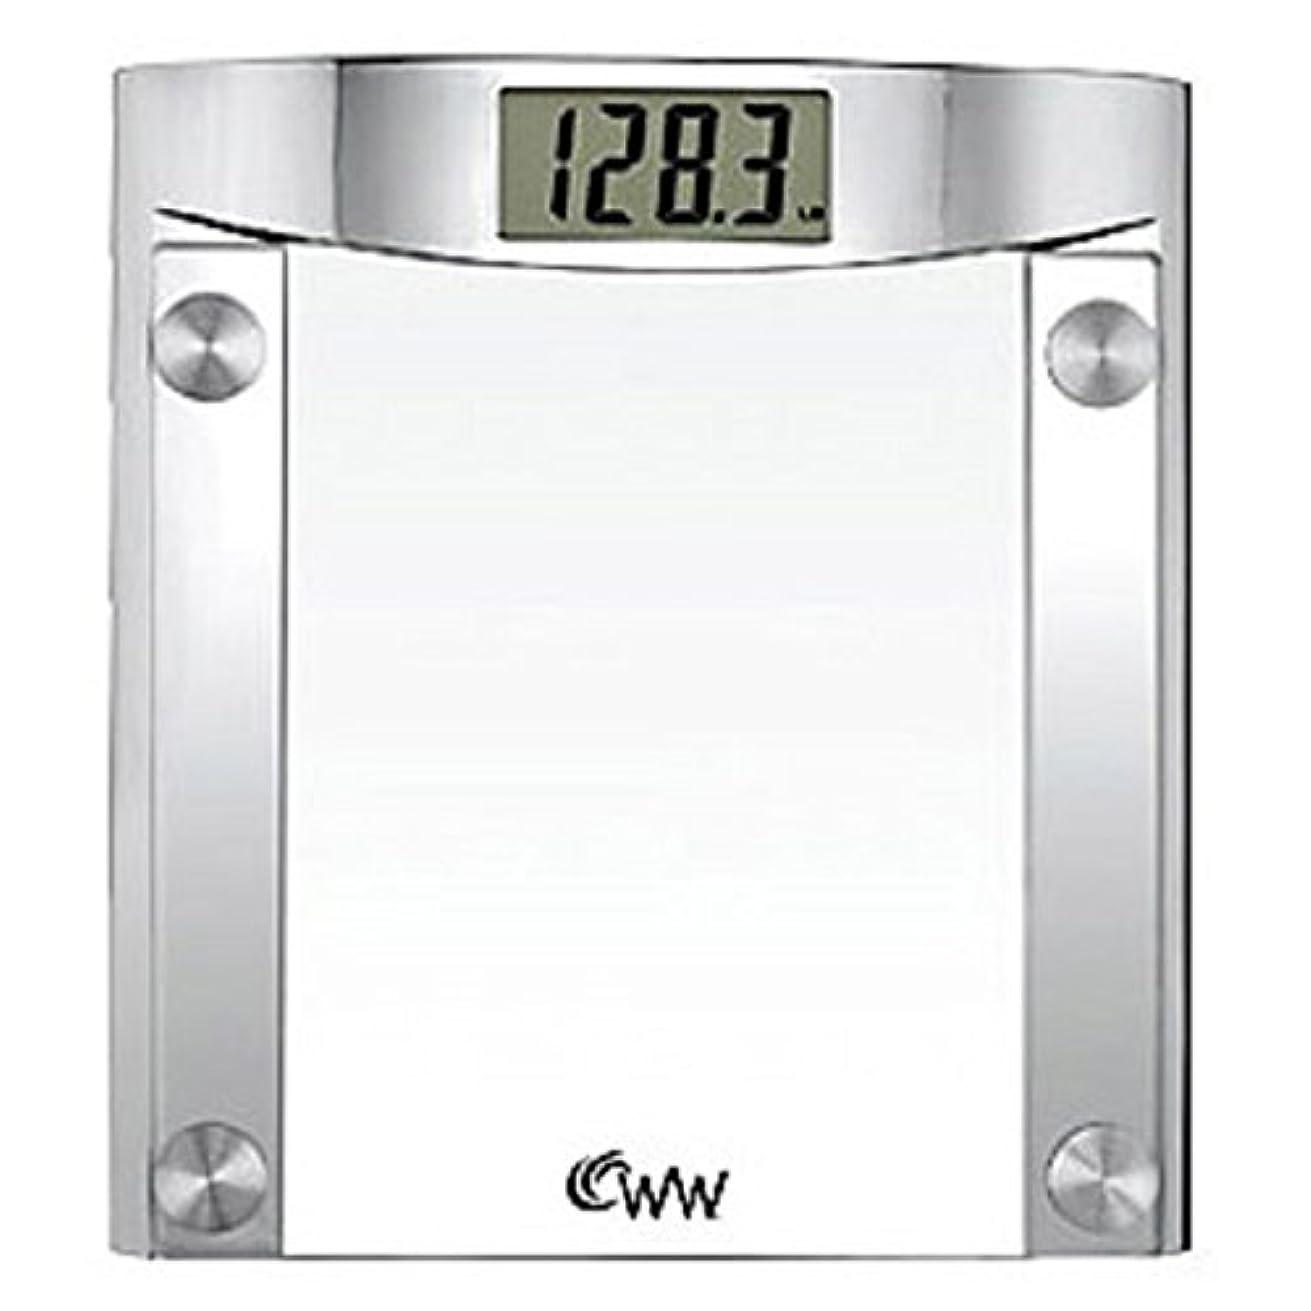 光沢のある圧縮された郵便番号Conair CONAIR CNRWW44 WEIGHTWATCHER GLASS SCALE